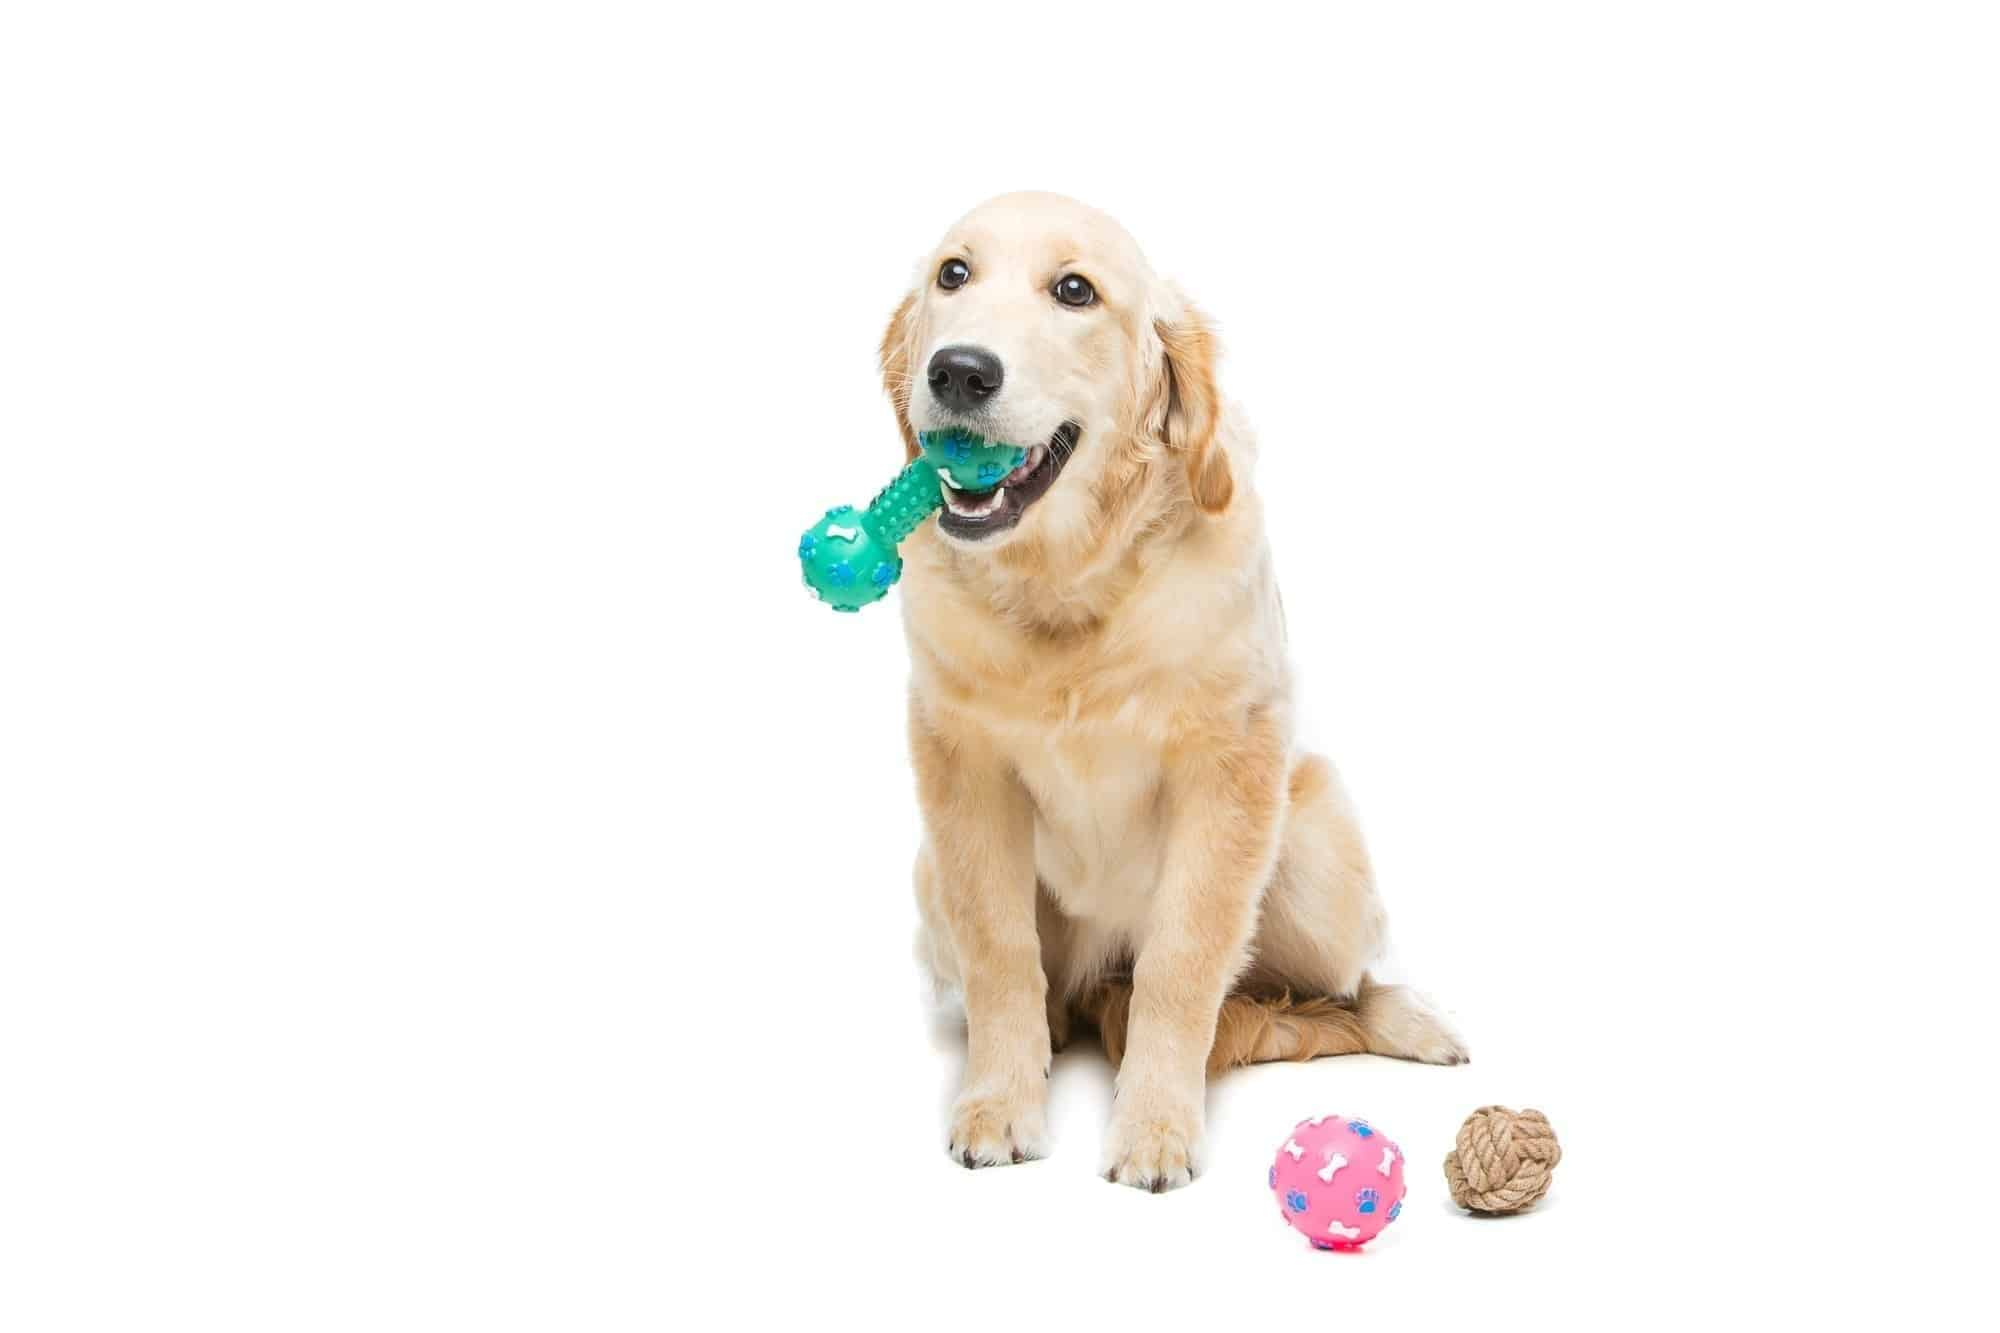 Dog chewing her nylon bone